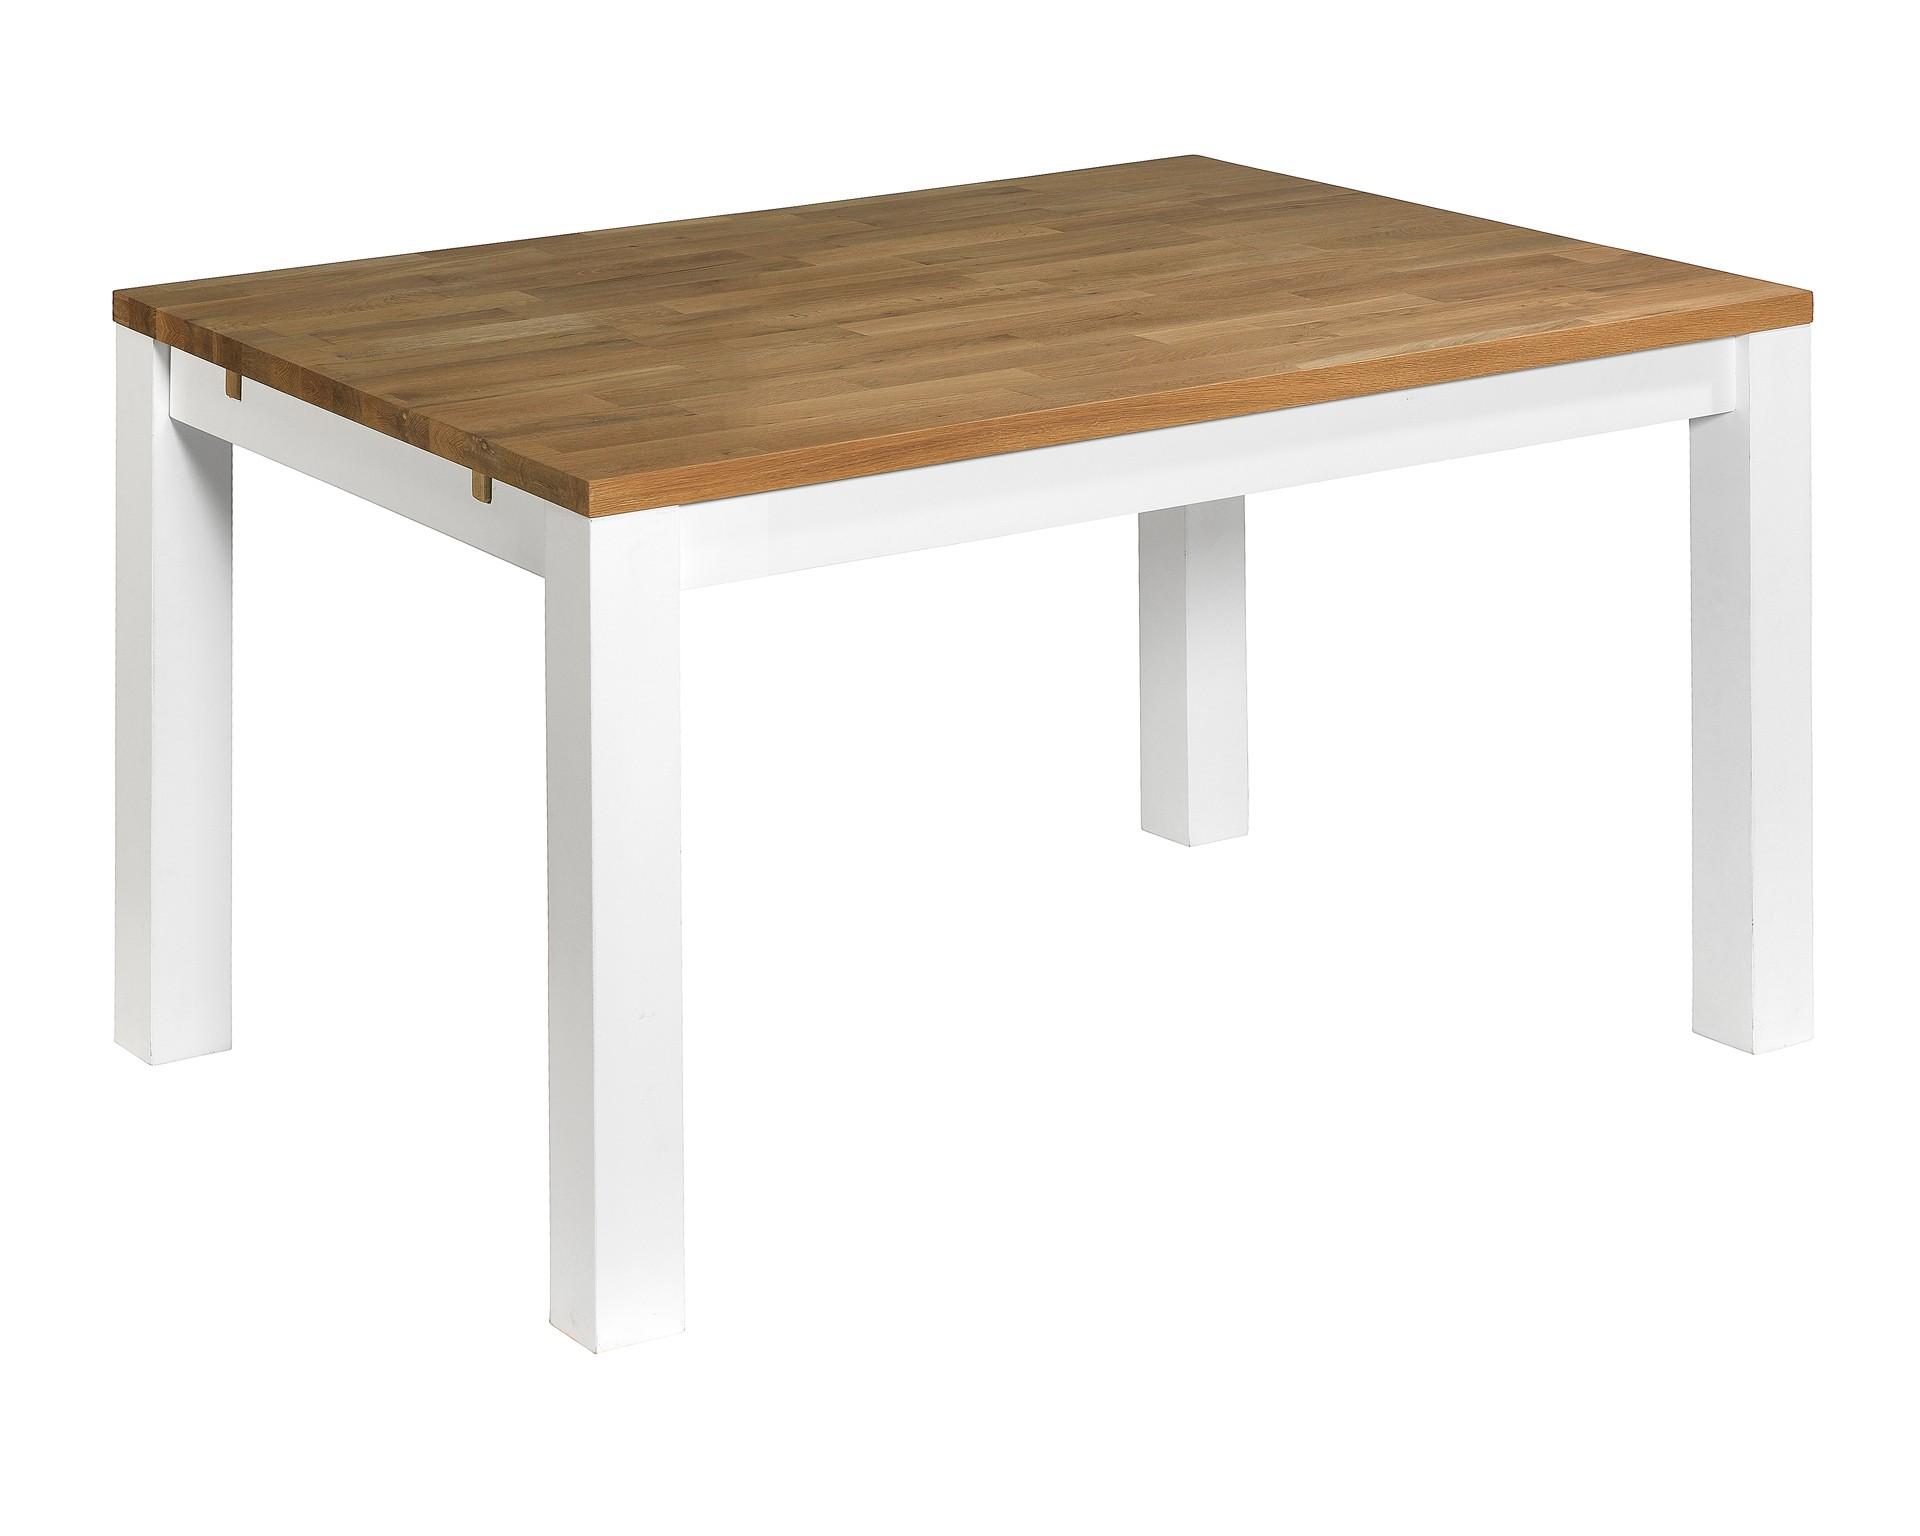 25 sparen esstisch skagen 90x140cm nur 299 95 cherry m bel d nisches bettenlager. Black Bedroom Furniture Sets. Home Design Ideas